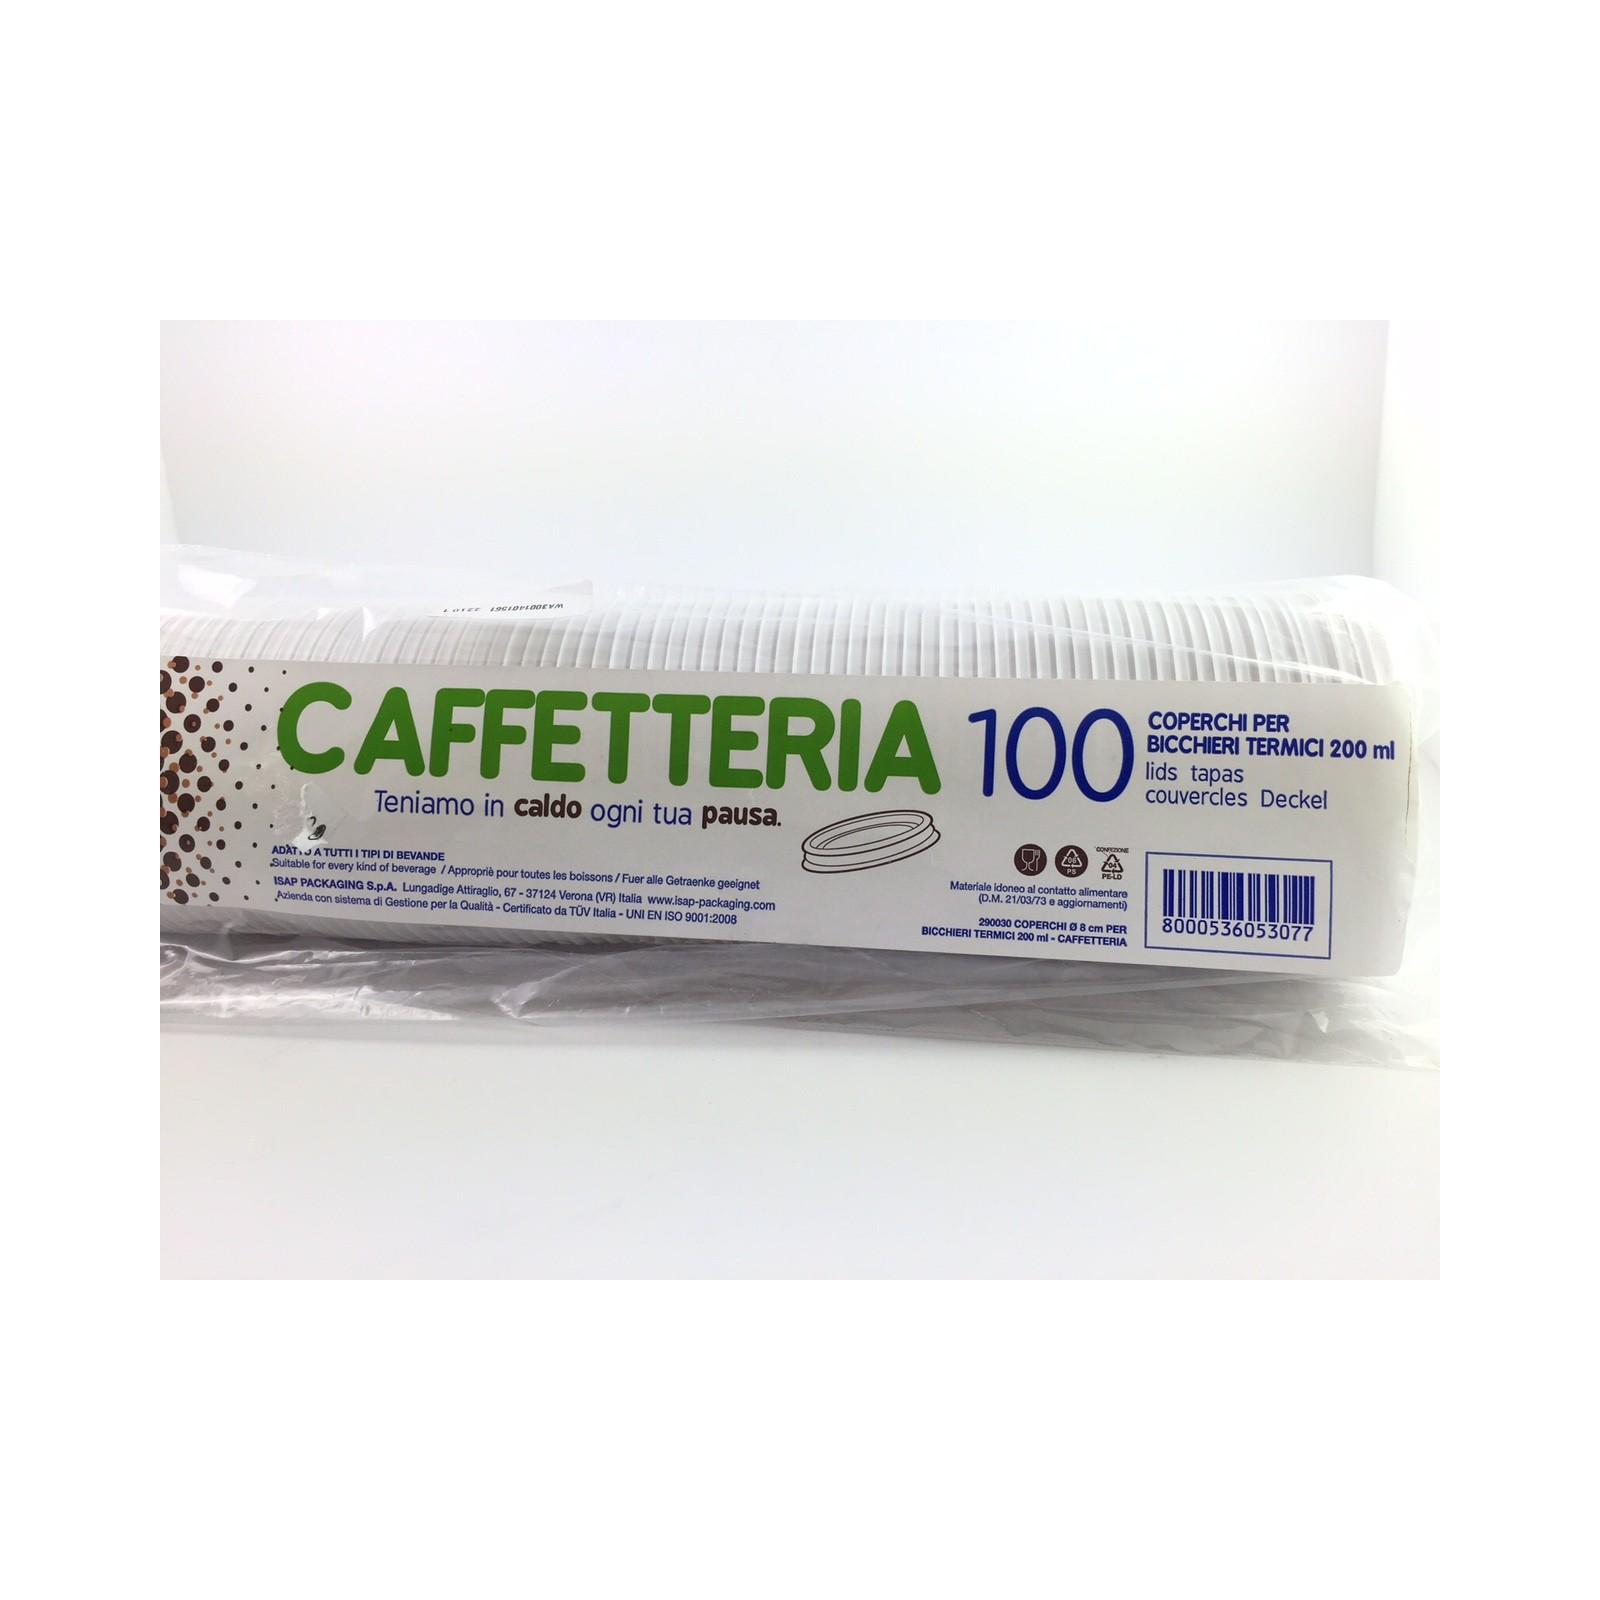 100 coperchi per bicchieri termici 200cc for Bicchieri termici